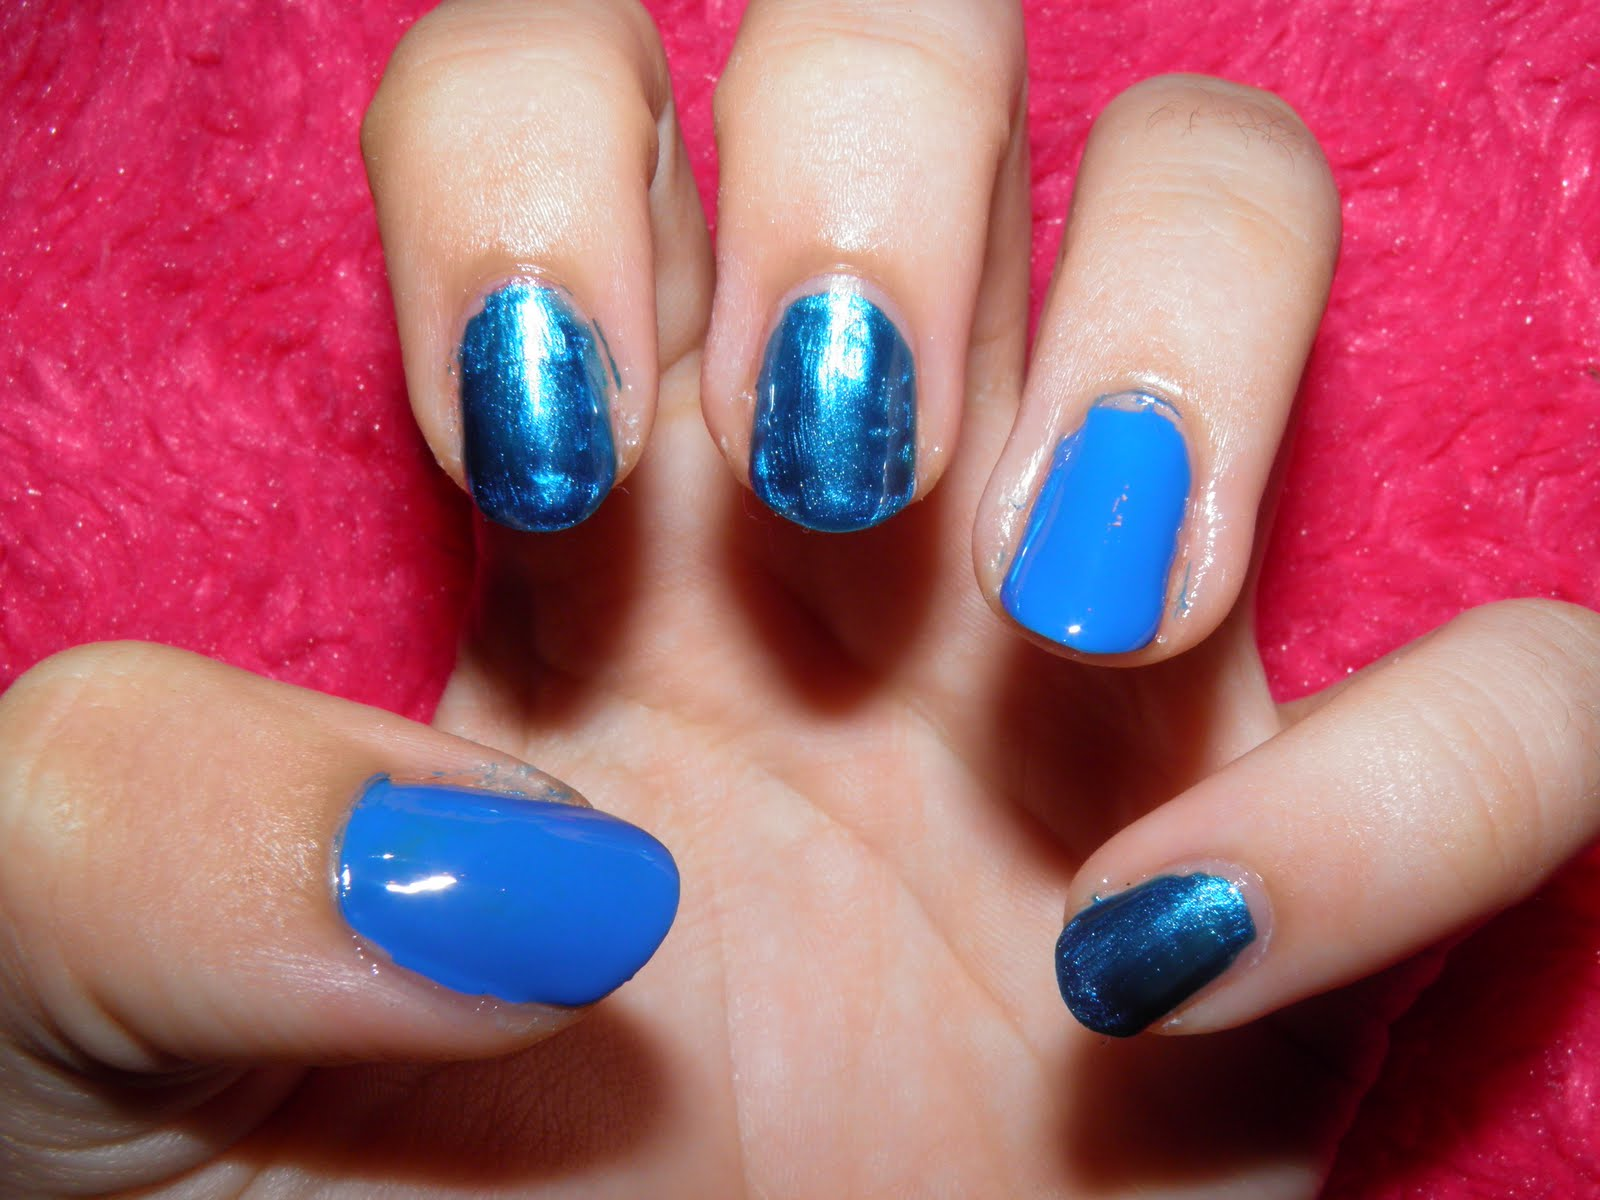 Todo Sobre Manos y Pies: Uñas pintadas y Decoradas con color Azul